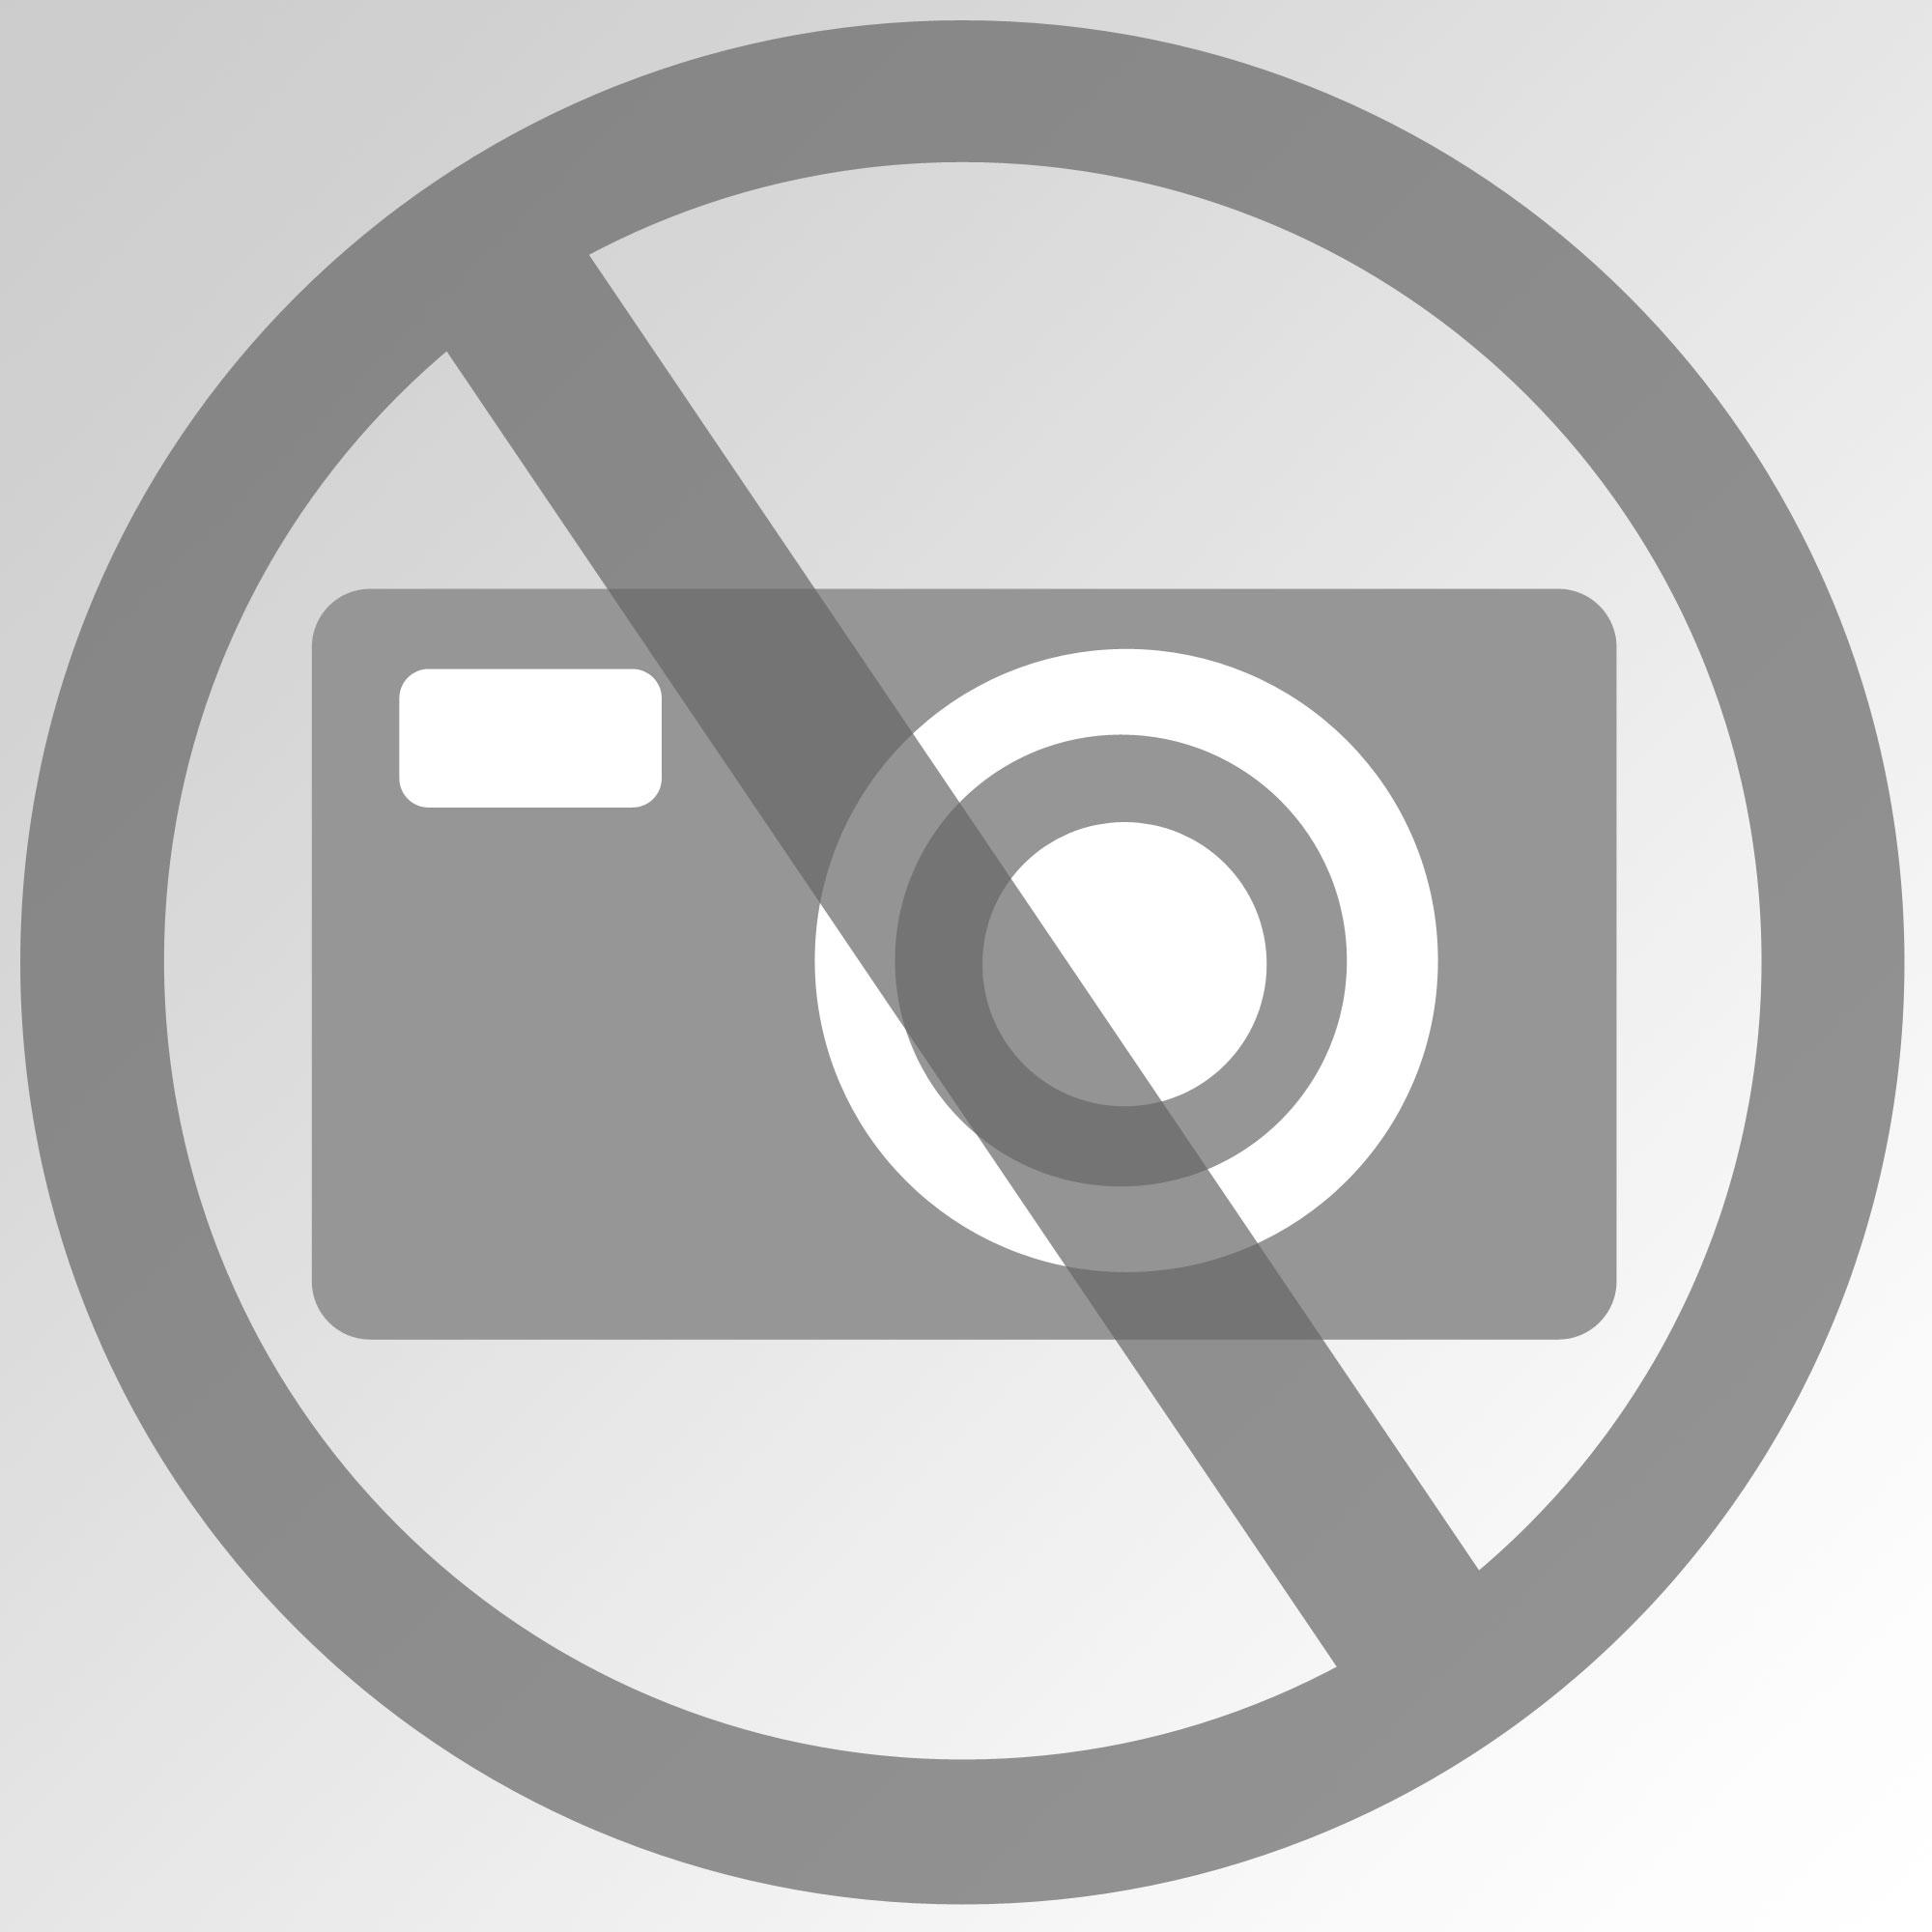 Kleen Purgatis Premium N° 1 classic Sänitärreiniger und Entkalker